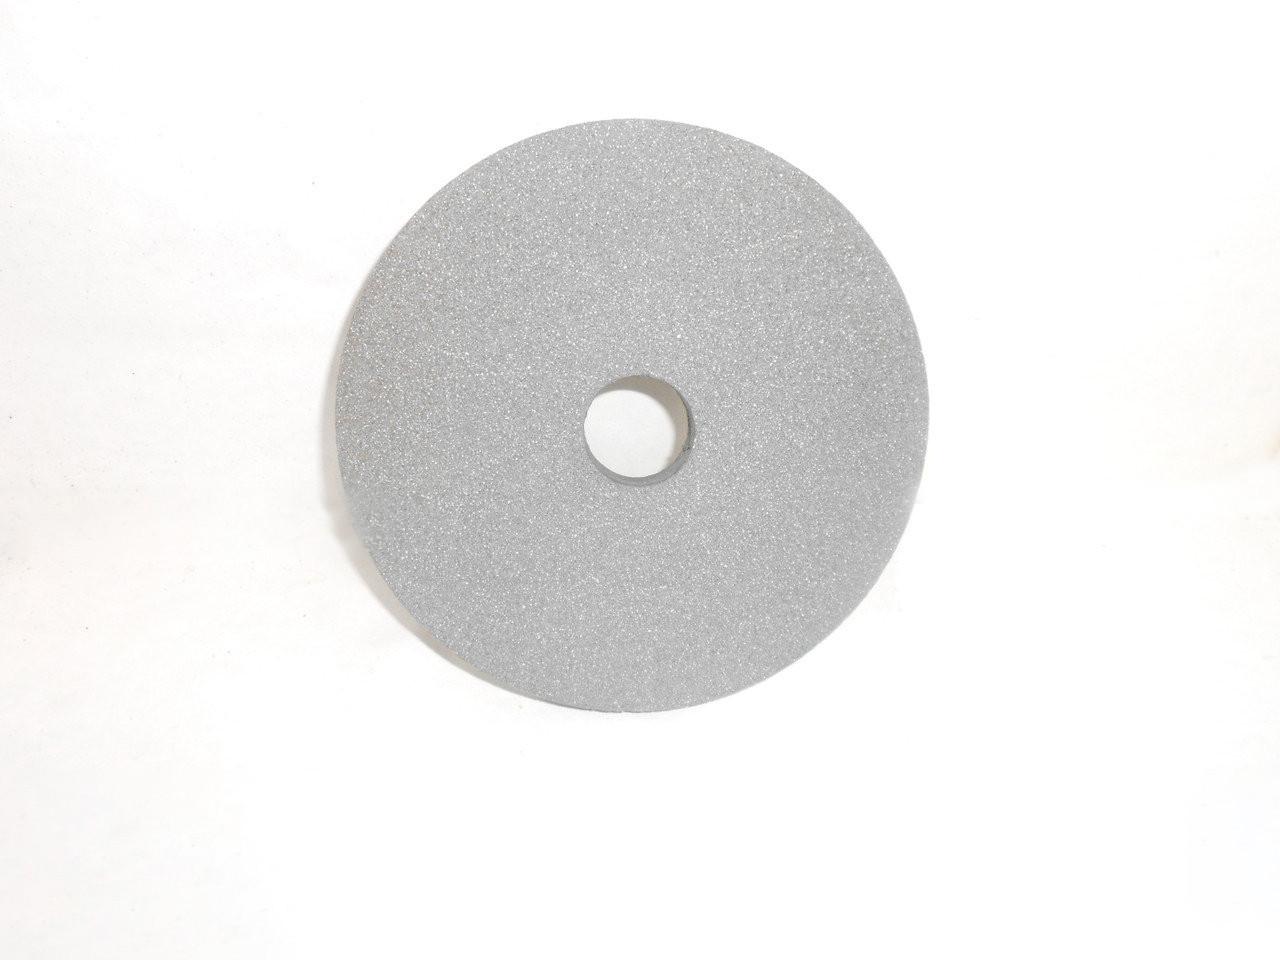 Круг шлифовальный 14А ПП 500х20х305 16-25 С-СТ